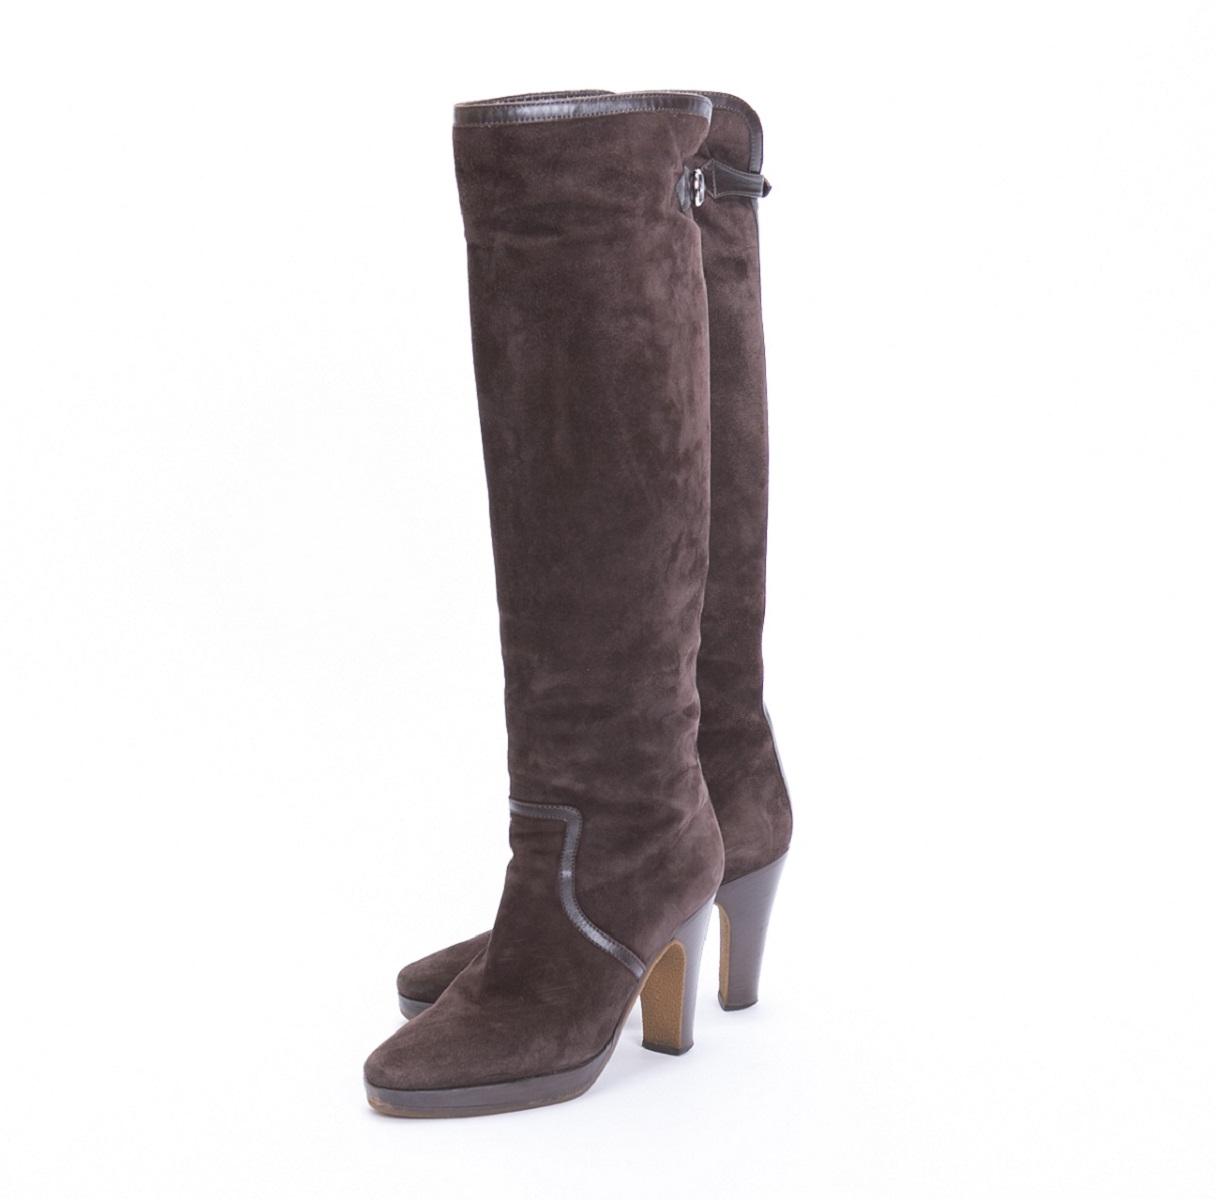 エルメス HERMES ロングブーツ 靴 バックスキン レザー ブラウン 茶 約23.5cm 【トレジャースポット】【中古】